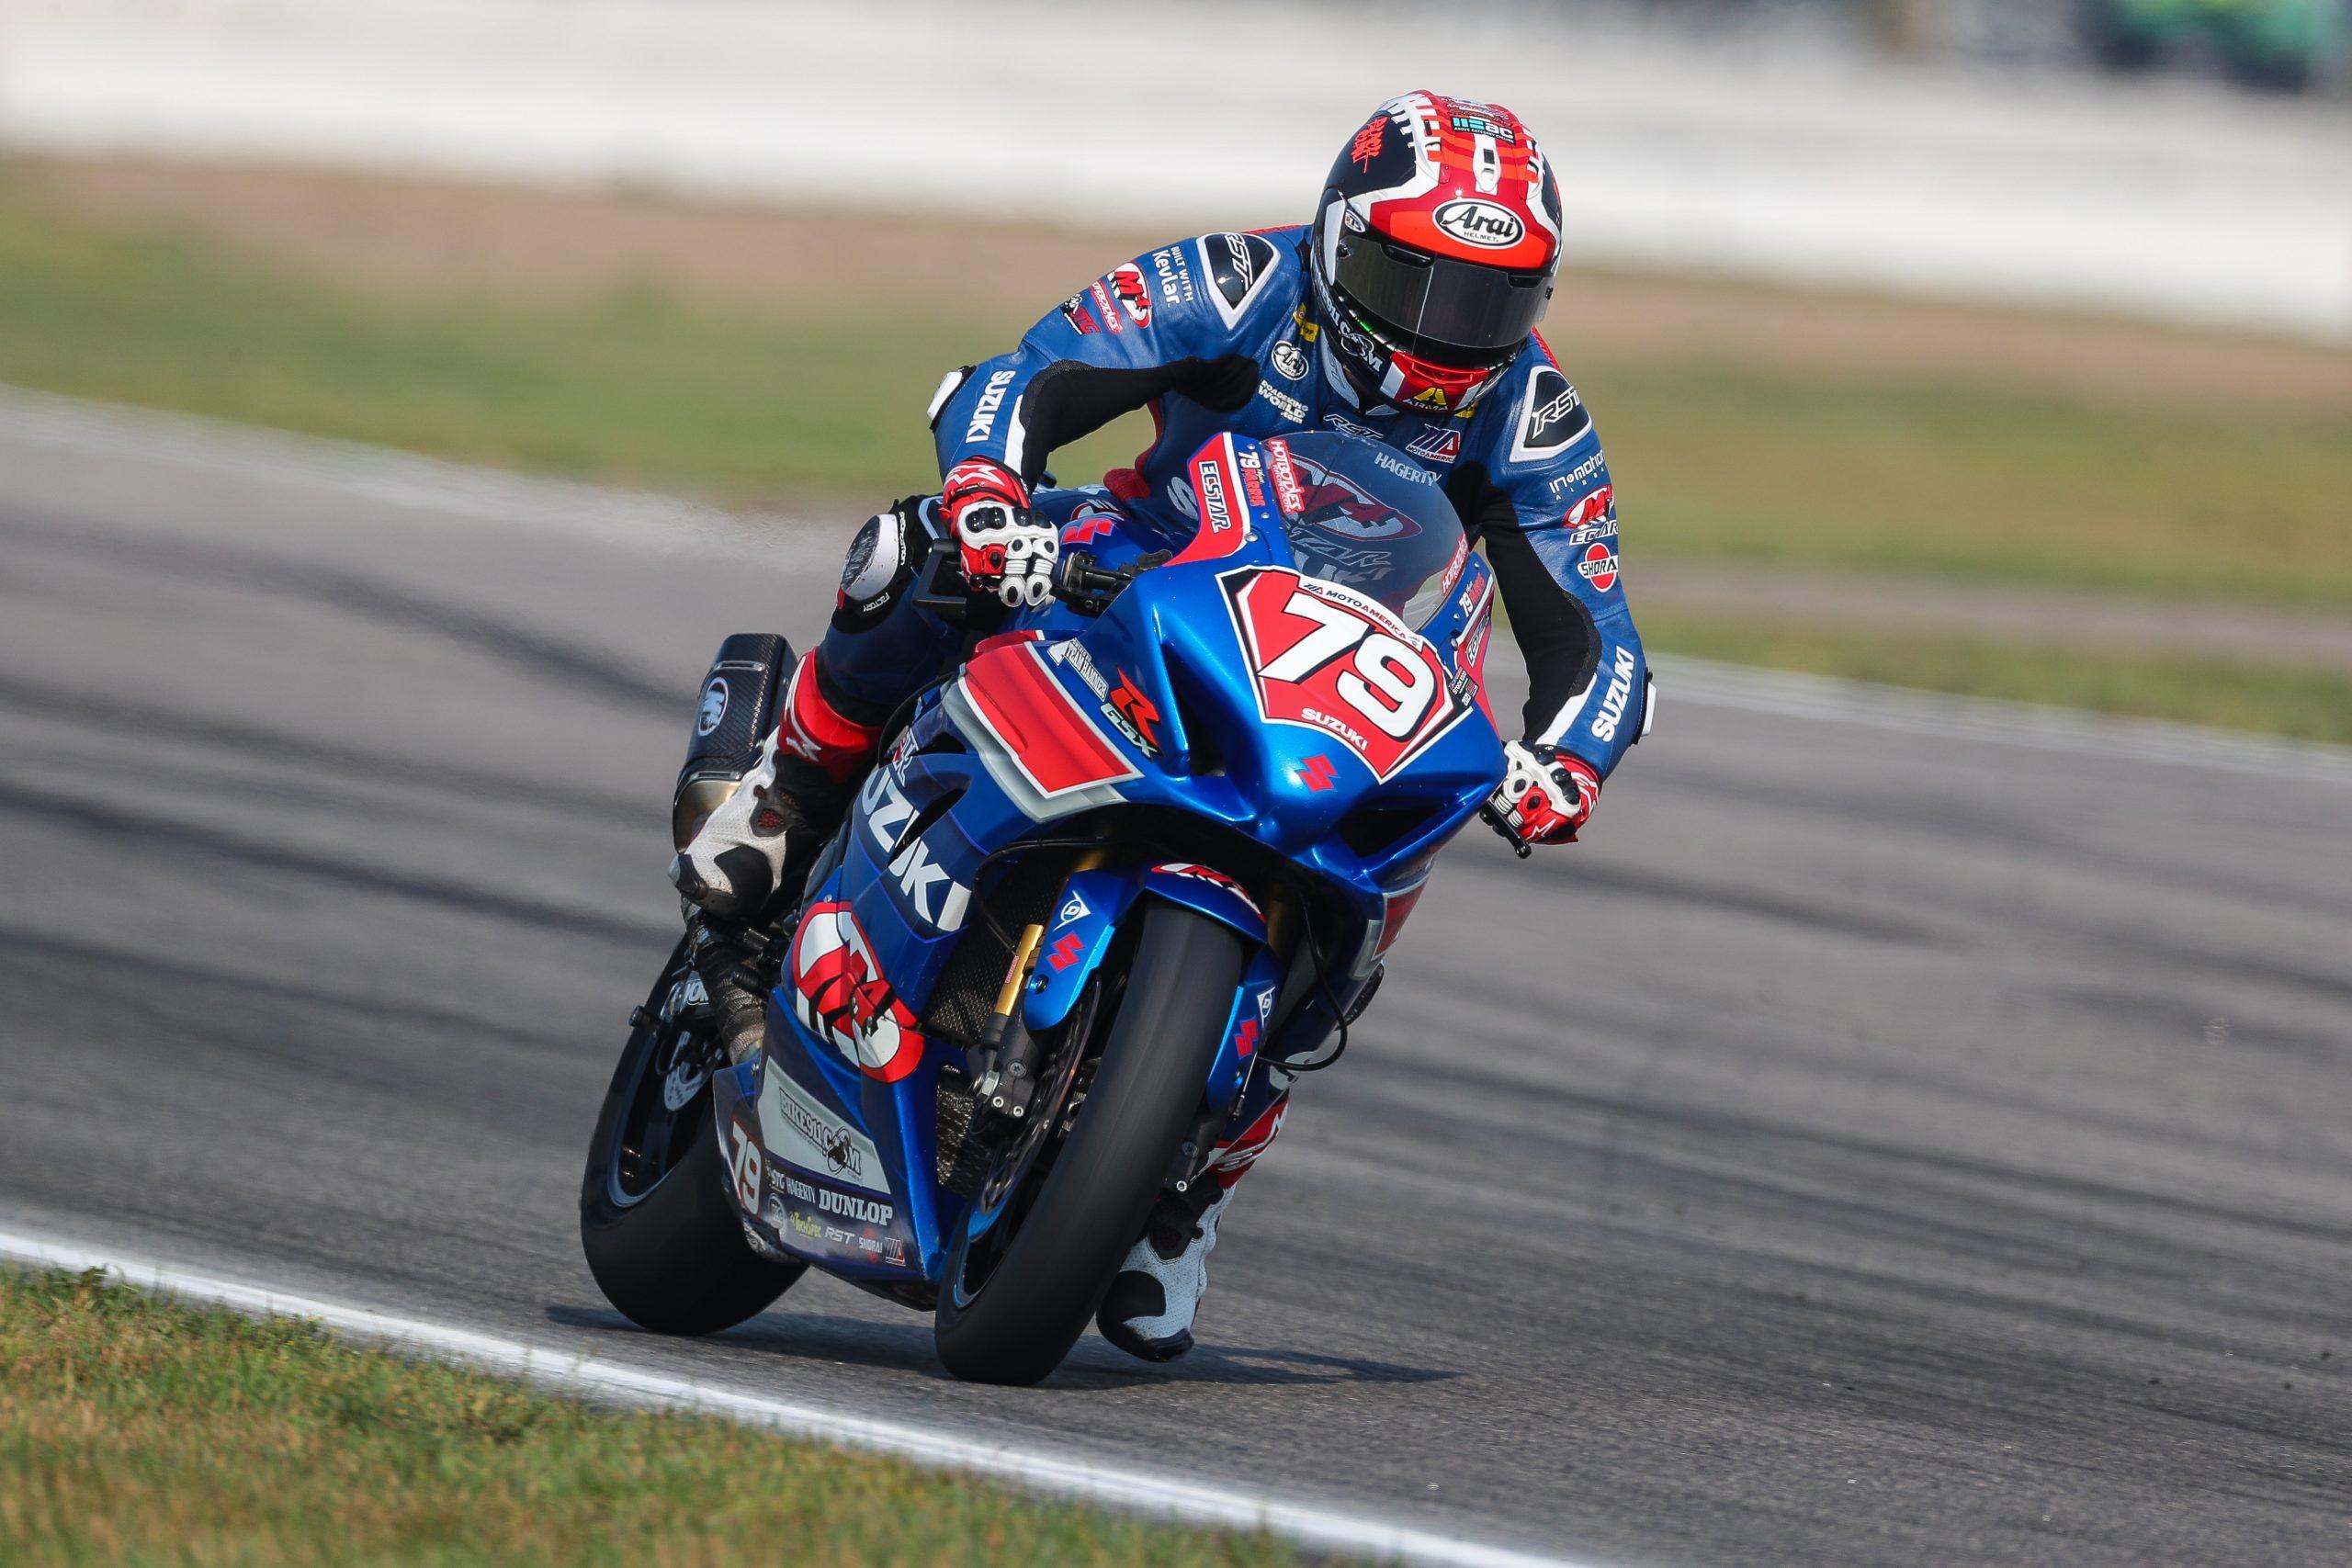 210802 Wyatt Farris (79) earned a season-best, seventh-place finish in the MotoAmerica Stock 1000 class